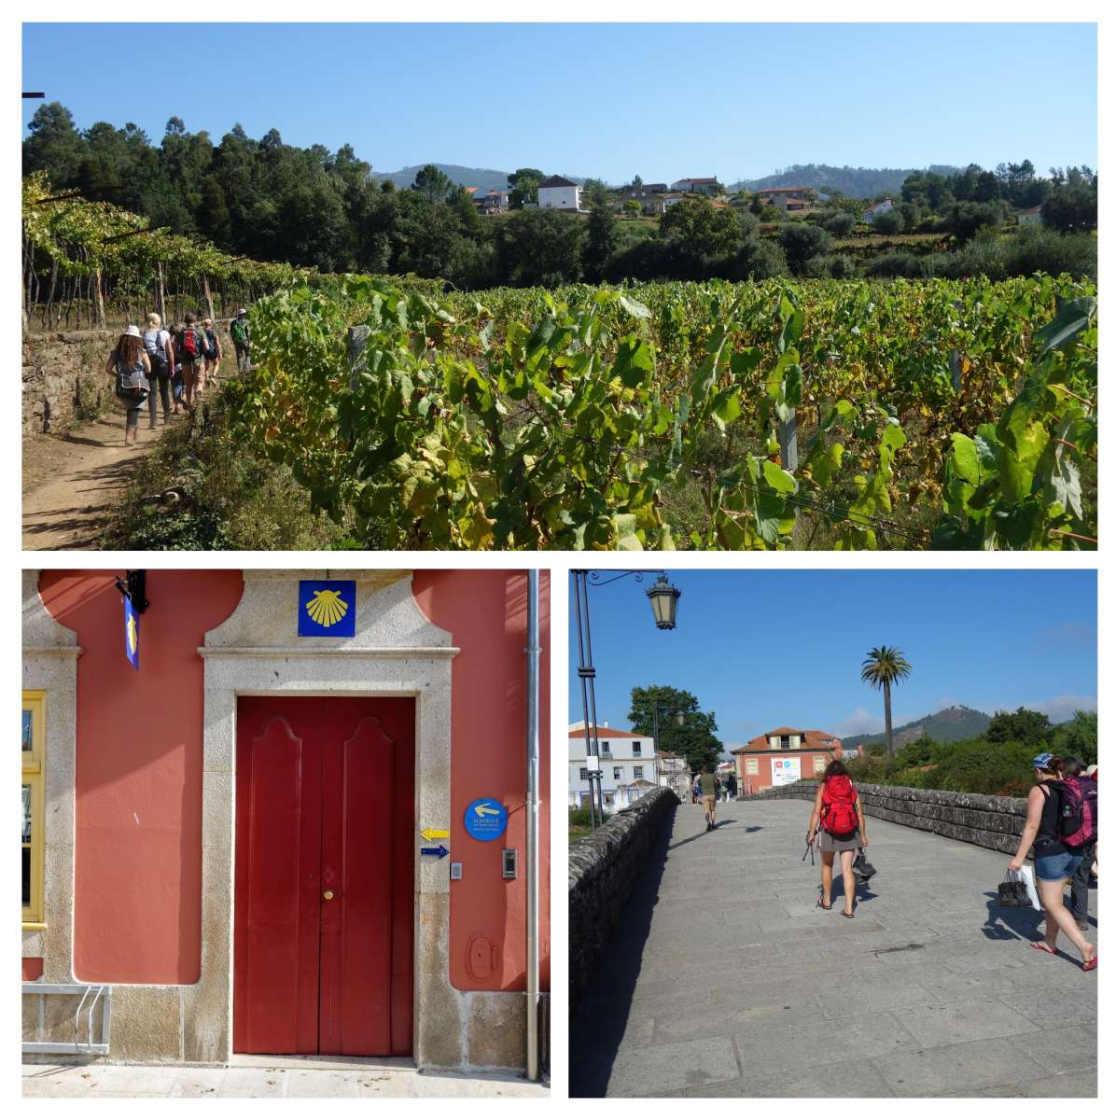 College van beelden over wandelen in Noord-Portugal